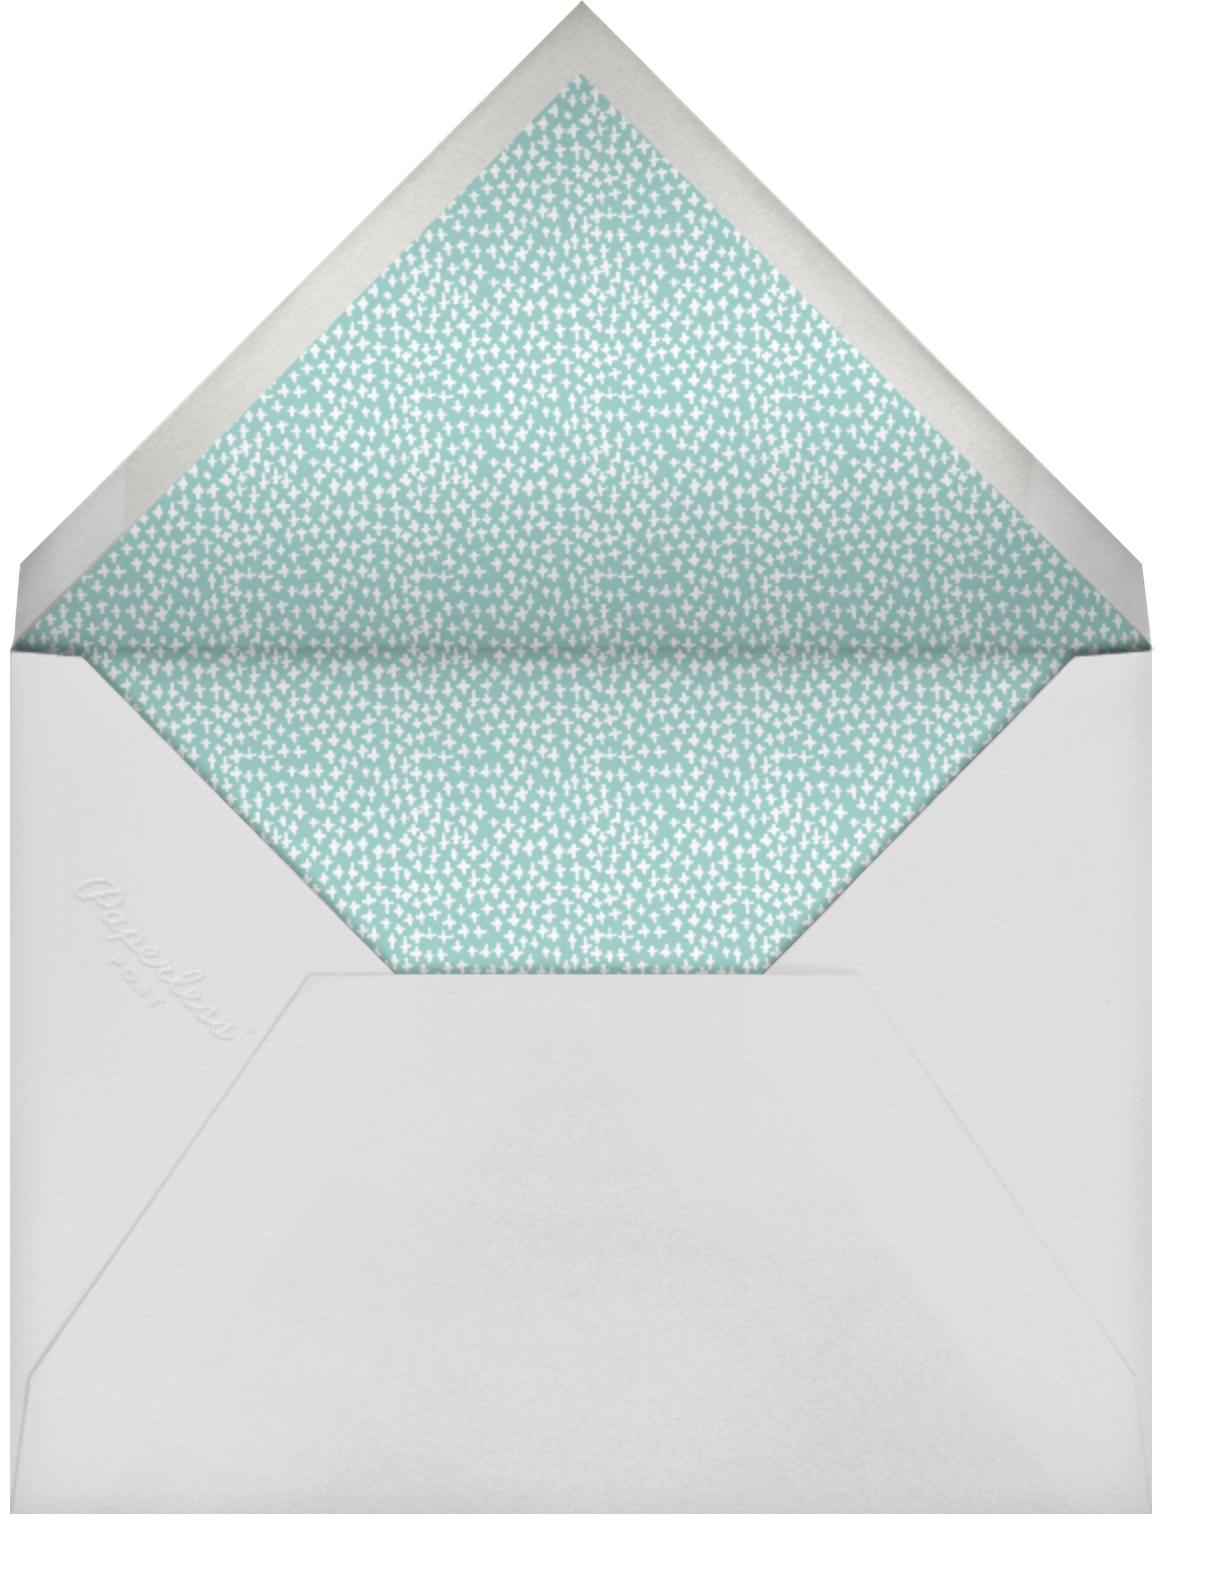 Snow Bunnies - Mr. Boddington's Studio - Mr. Boddington's Studio - envelope back